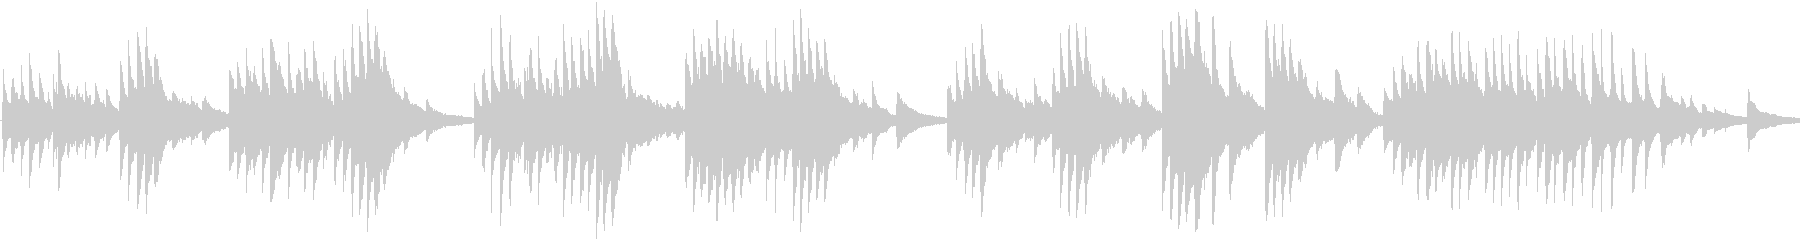 ロマンチックなメロディのピアノBGMの未再生の波形